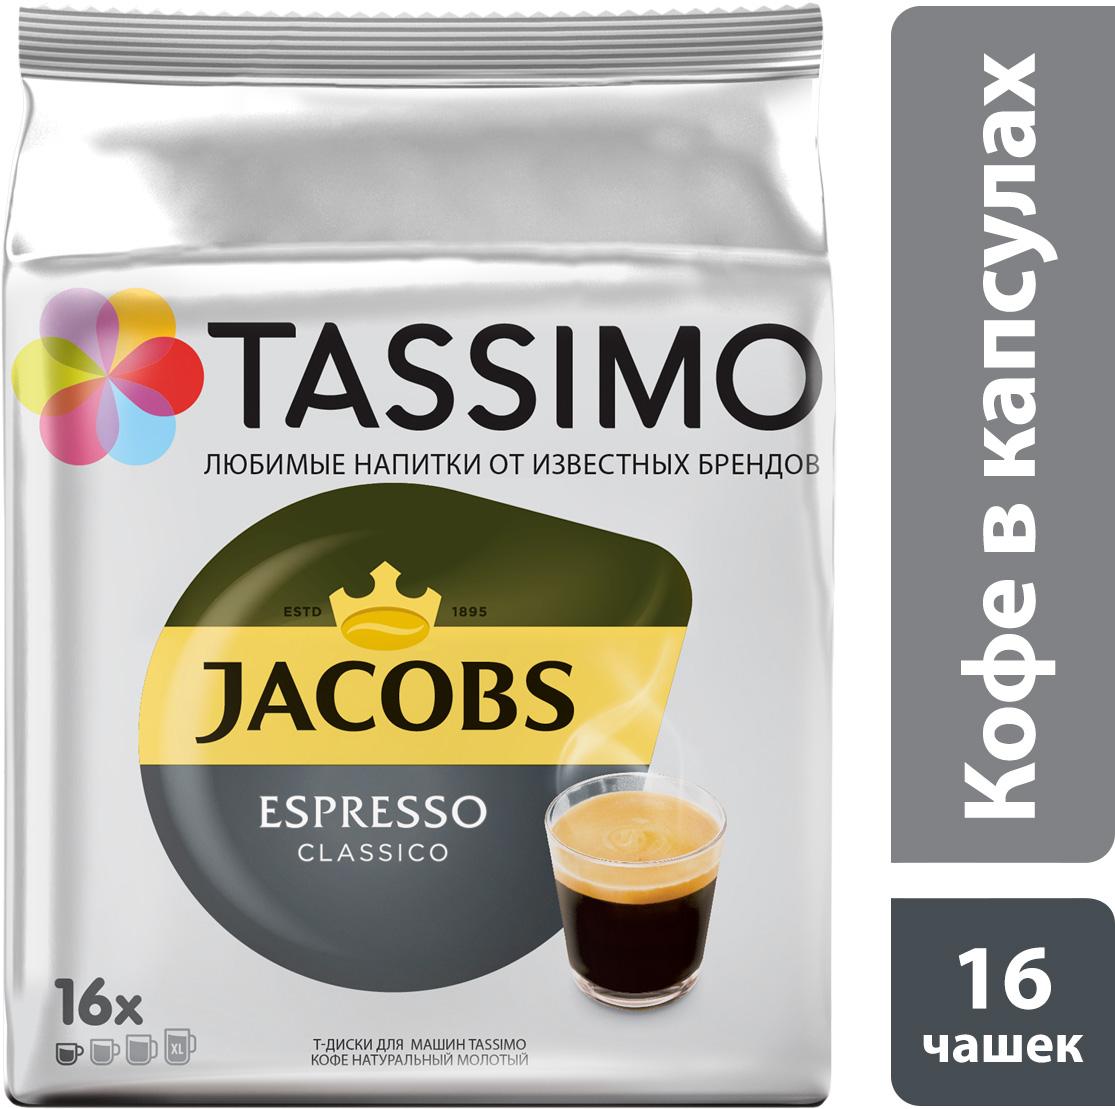 Tassimo Jacobs Espresso Classico кофе в капсулах, 16 шт4251598Насыщенный кофе с интенсивным вкусом и плотной бархатистой пенкой. Позвольте Jacobs, брэнду с вековым опытом немецких производителей кофе - подарить вам крепкий и вместе с тем удивительно гармоничный эспрессо. Каждая упаковка содержит 16 Т-Дисков и рассчитана на 16 порций. В каждом Т-Диске содержится точно дозированная порция молотого кофе. Каждый из этих специально разработанных Т-Дисков имеет уникальный штрих-код, который считывается кофемашиной Tassimo. В этом коде указан объем воды, время приготовления и оптимальная температура, необходимая для получения чашки безупречного напитка.Состав: кофе натуральный жареный молотый Jacobs Monarch. Эспрессо среднеобжаренный высшего сорта.Пищевая ценность в 100 мл продукта: белки 13,9 г, углеводы 2,8 г, жиры 14,4 г. Энергетическая ценность 218 ккал. Срок годности 419 дней.Кофе: мифы и факты. Статья OZON Гид